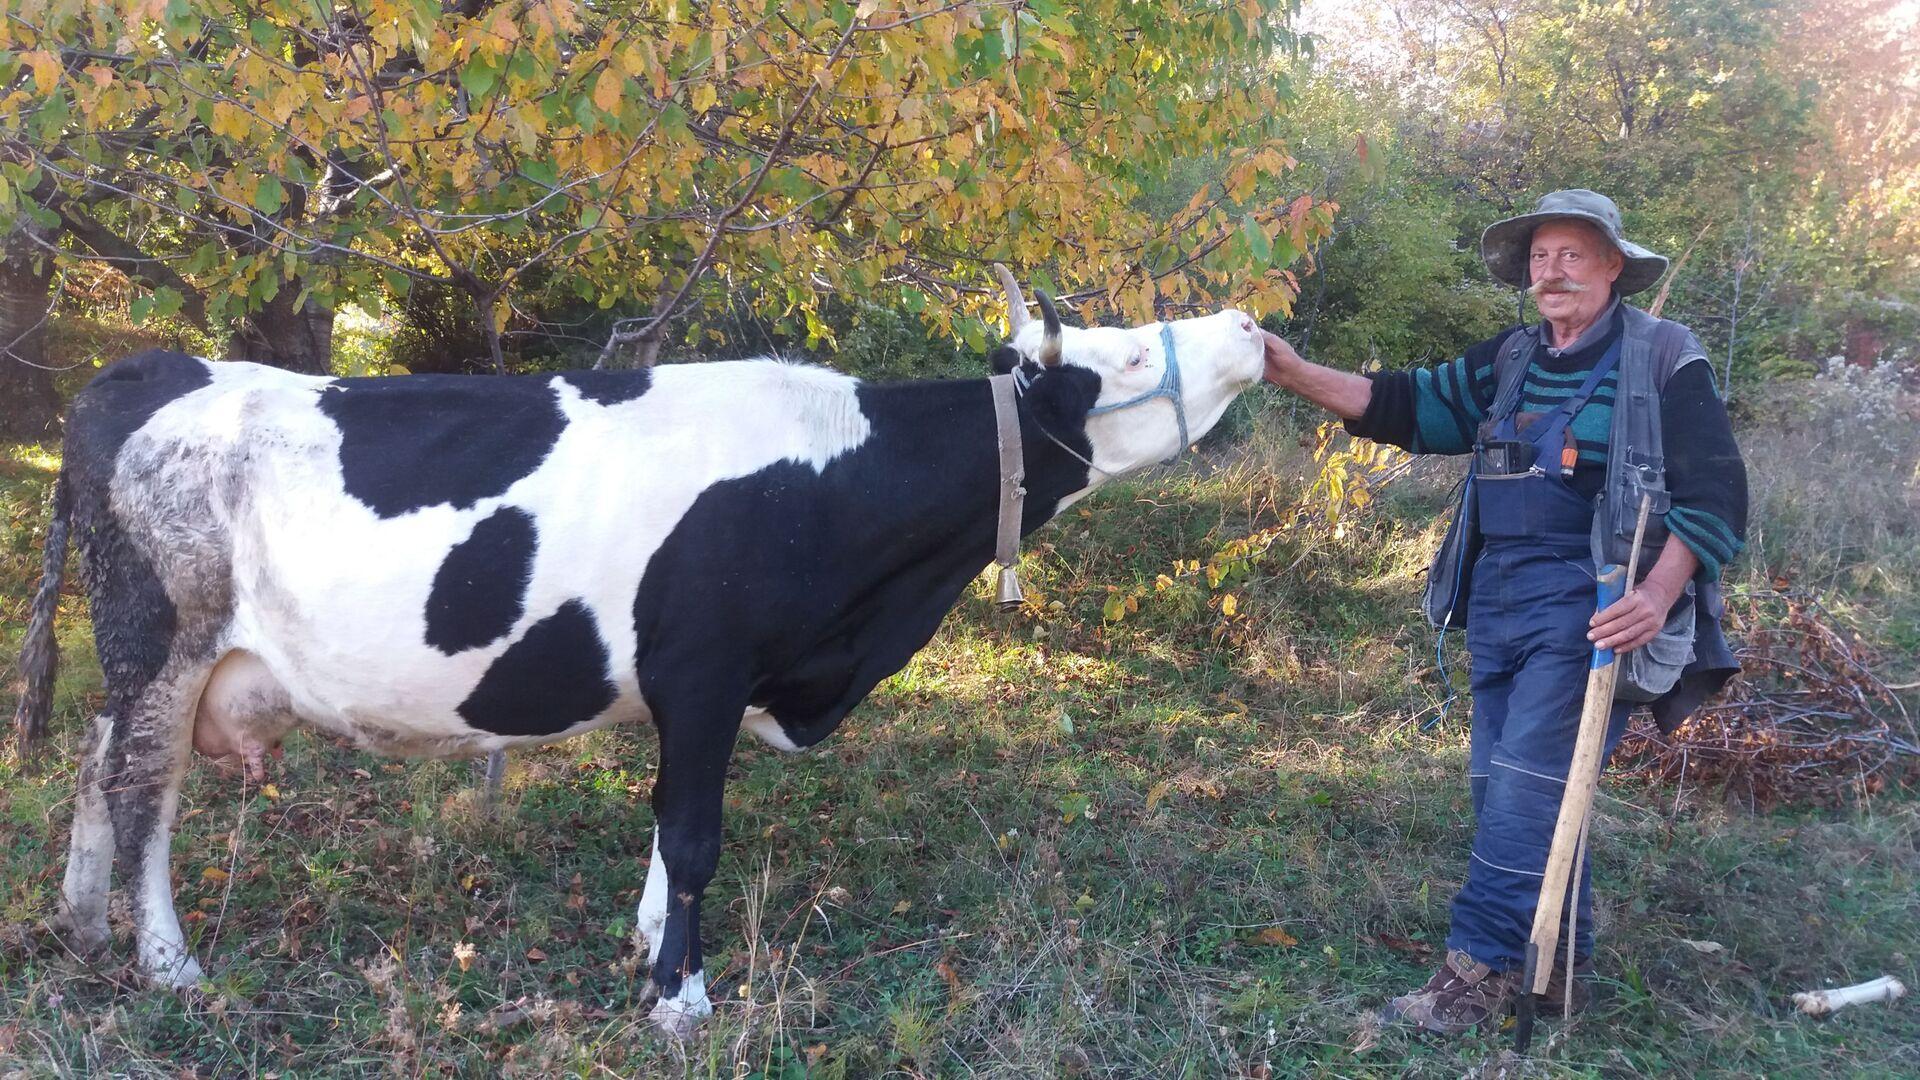 Породица из околине Штрпца чува традицију предака млекара са Косова и Метохије /фото/ - Sputnik Србија, 1920, 15.03.2021